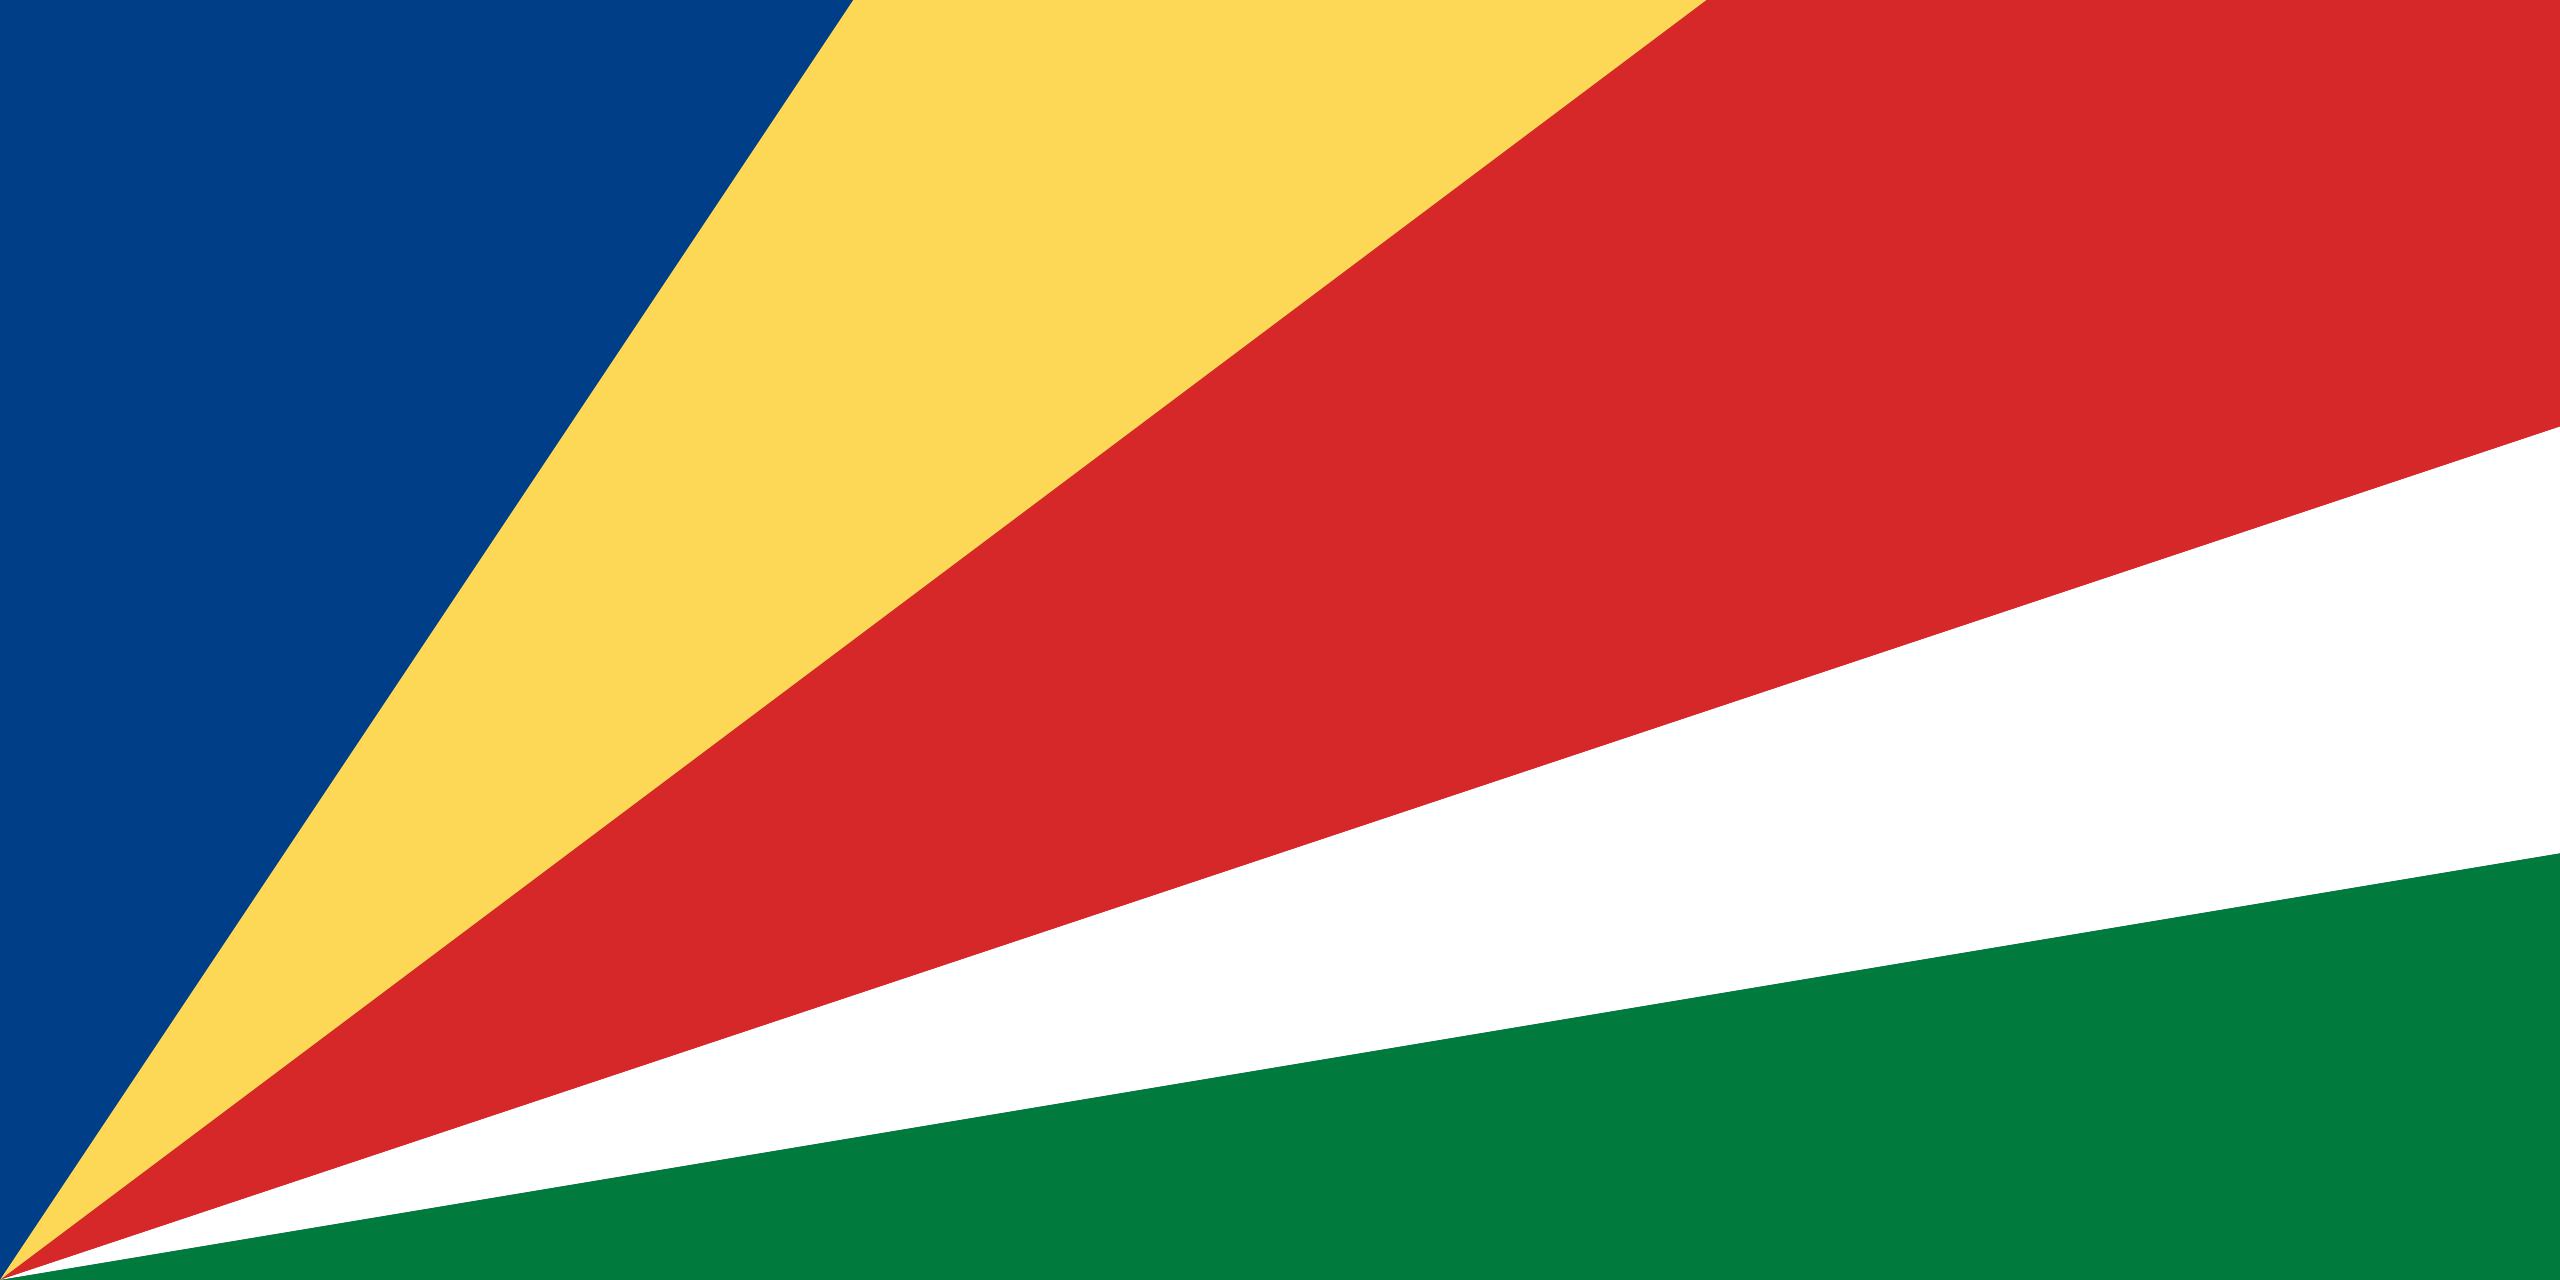 Viser Flagg Til Seychellene